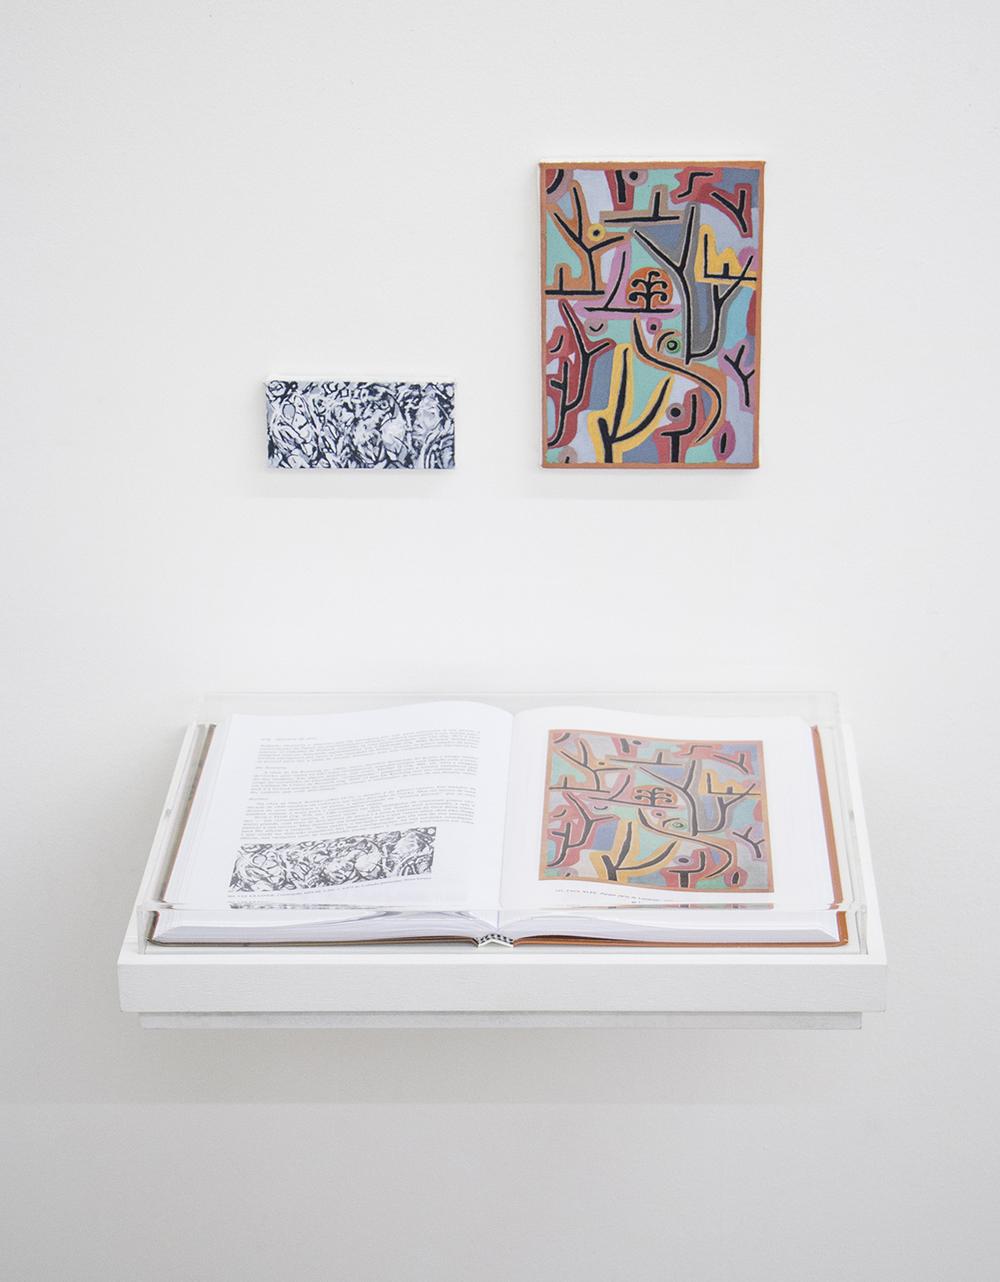 Páginas 976 e sem número (série Foi Assim Que Me Ensinaram) •2014 •Livro emoldurado, óleo sobre tela •30 x 42 cm (livro), 11,5 x 5,5 cm, 13,5 x 19 cm